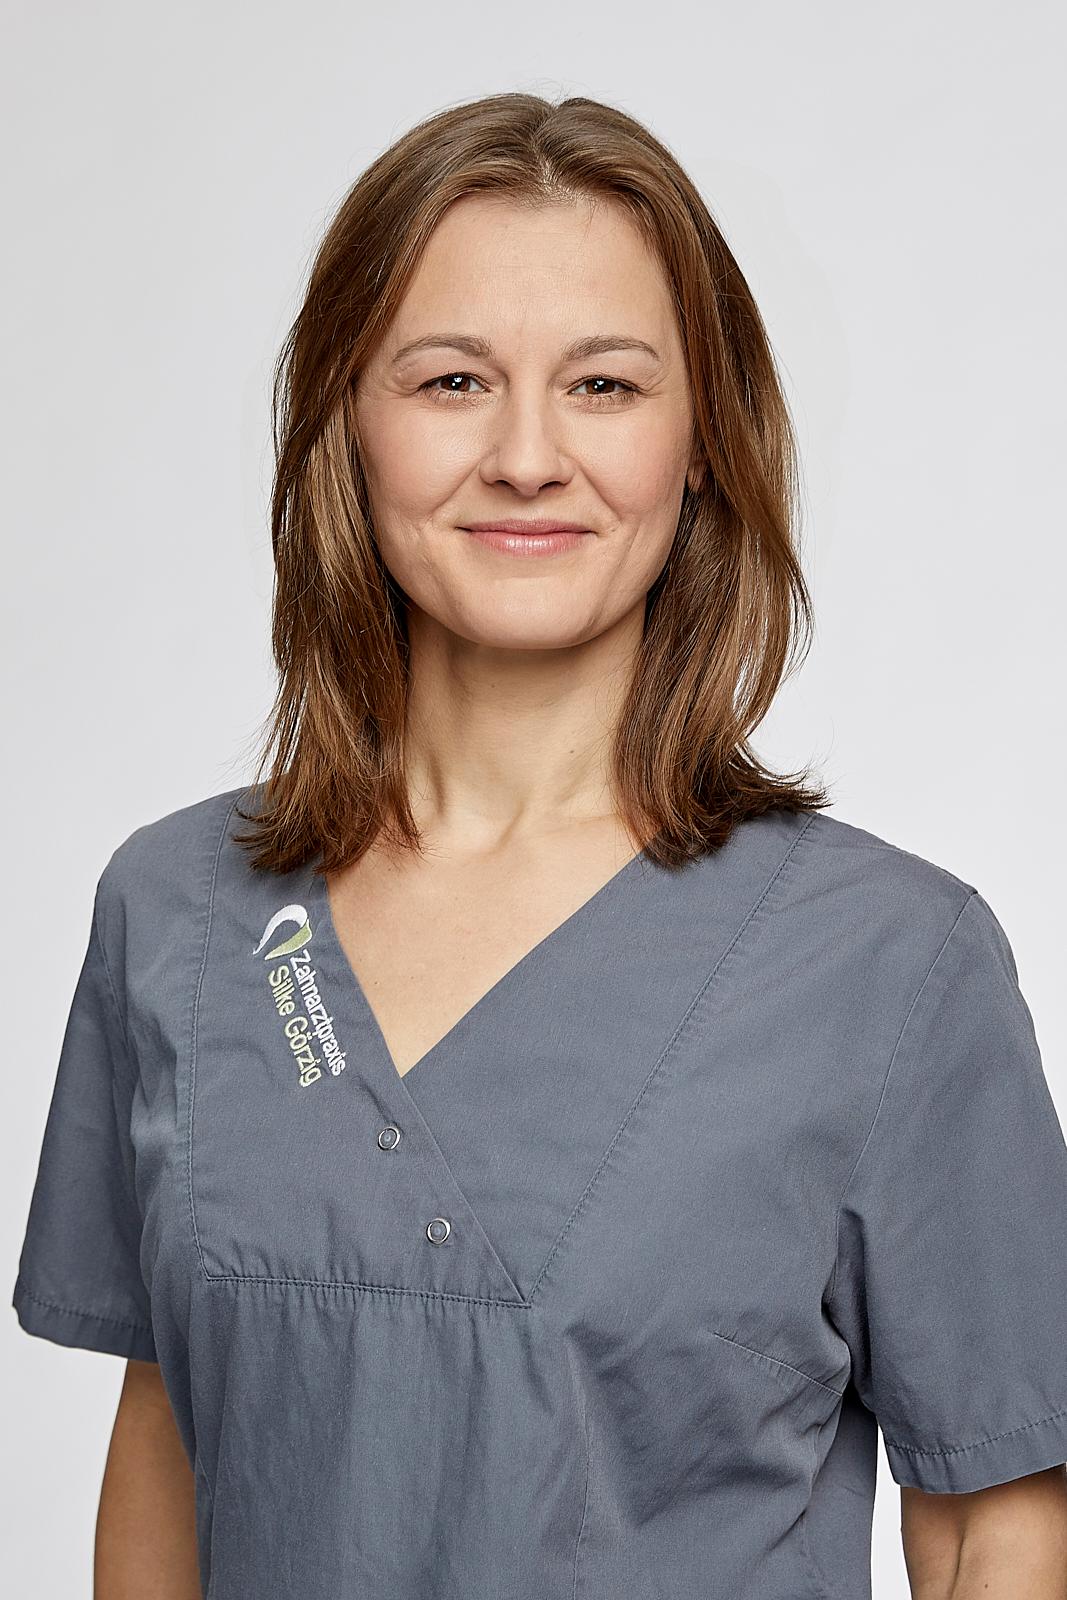 Michaela Schneider